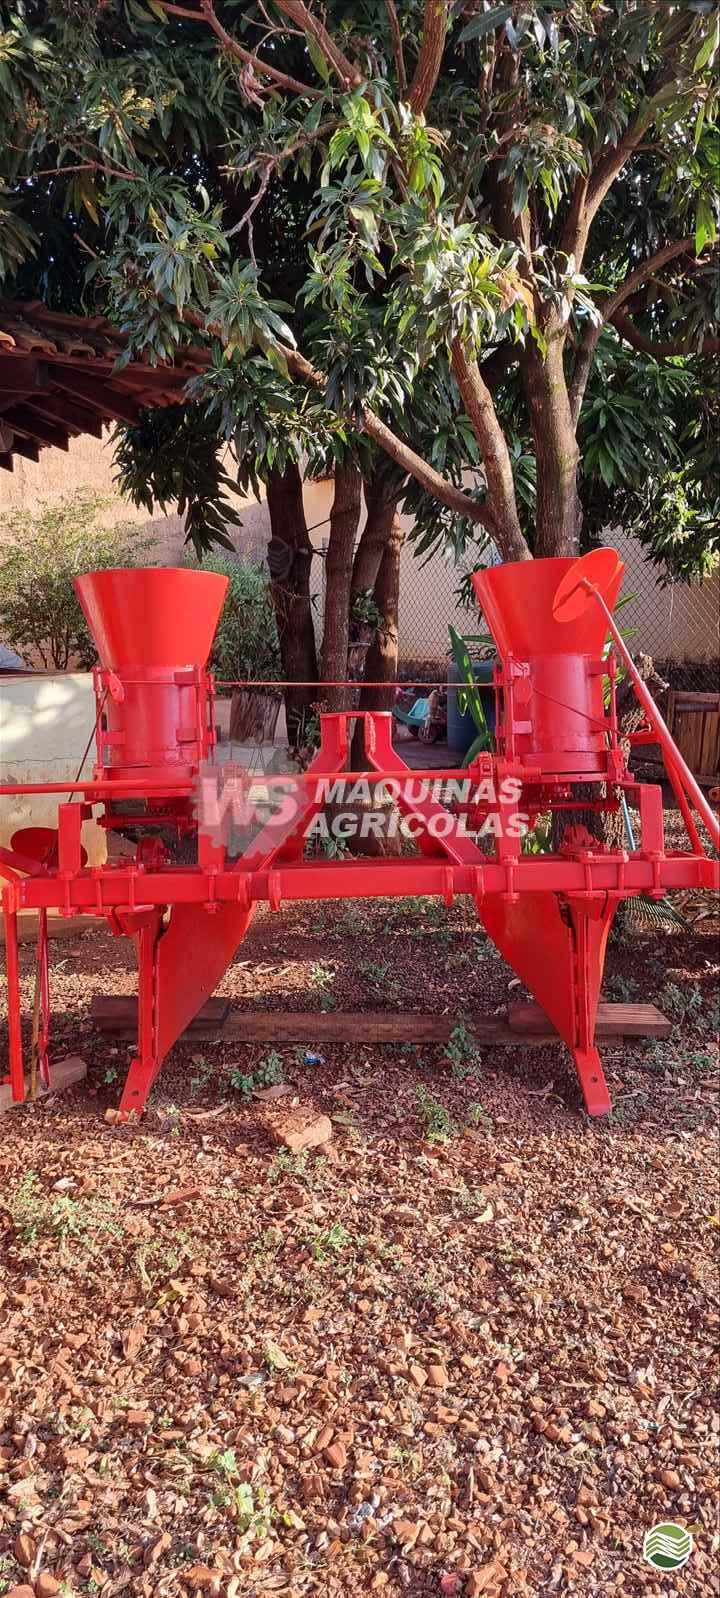 IMPLEMENTOS AGRICOLAS SULCADOR 2 LINHAS WS Máquinas Agrícolas SERTAOZINHO SÃO PAULO SP